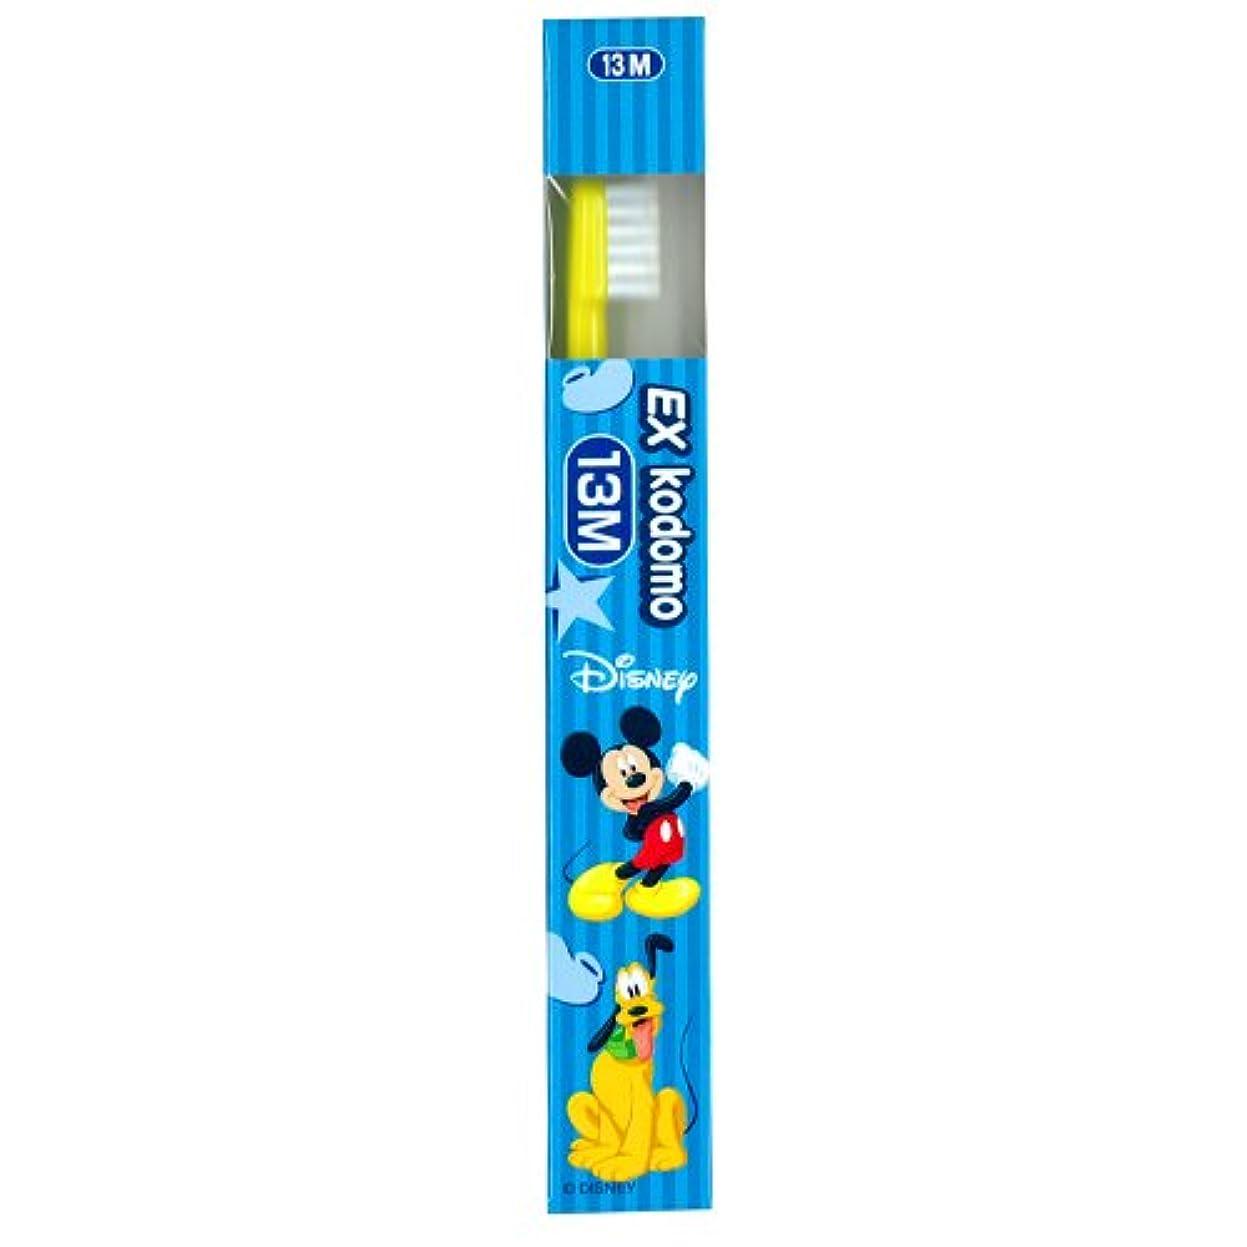 ライオン EX kodomo ディズニー 歯ブラシ 1本 13M イエロー